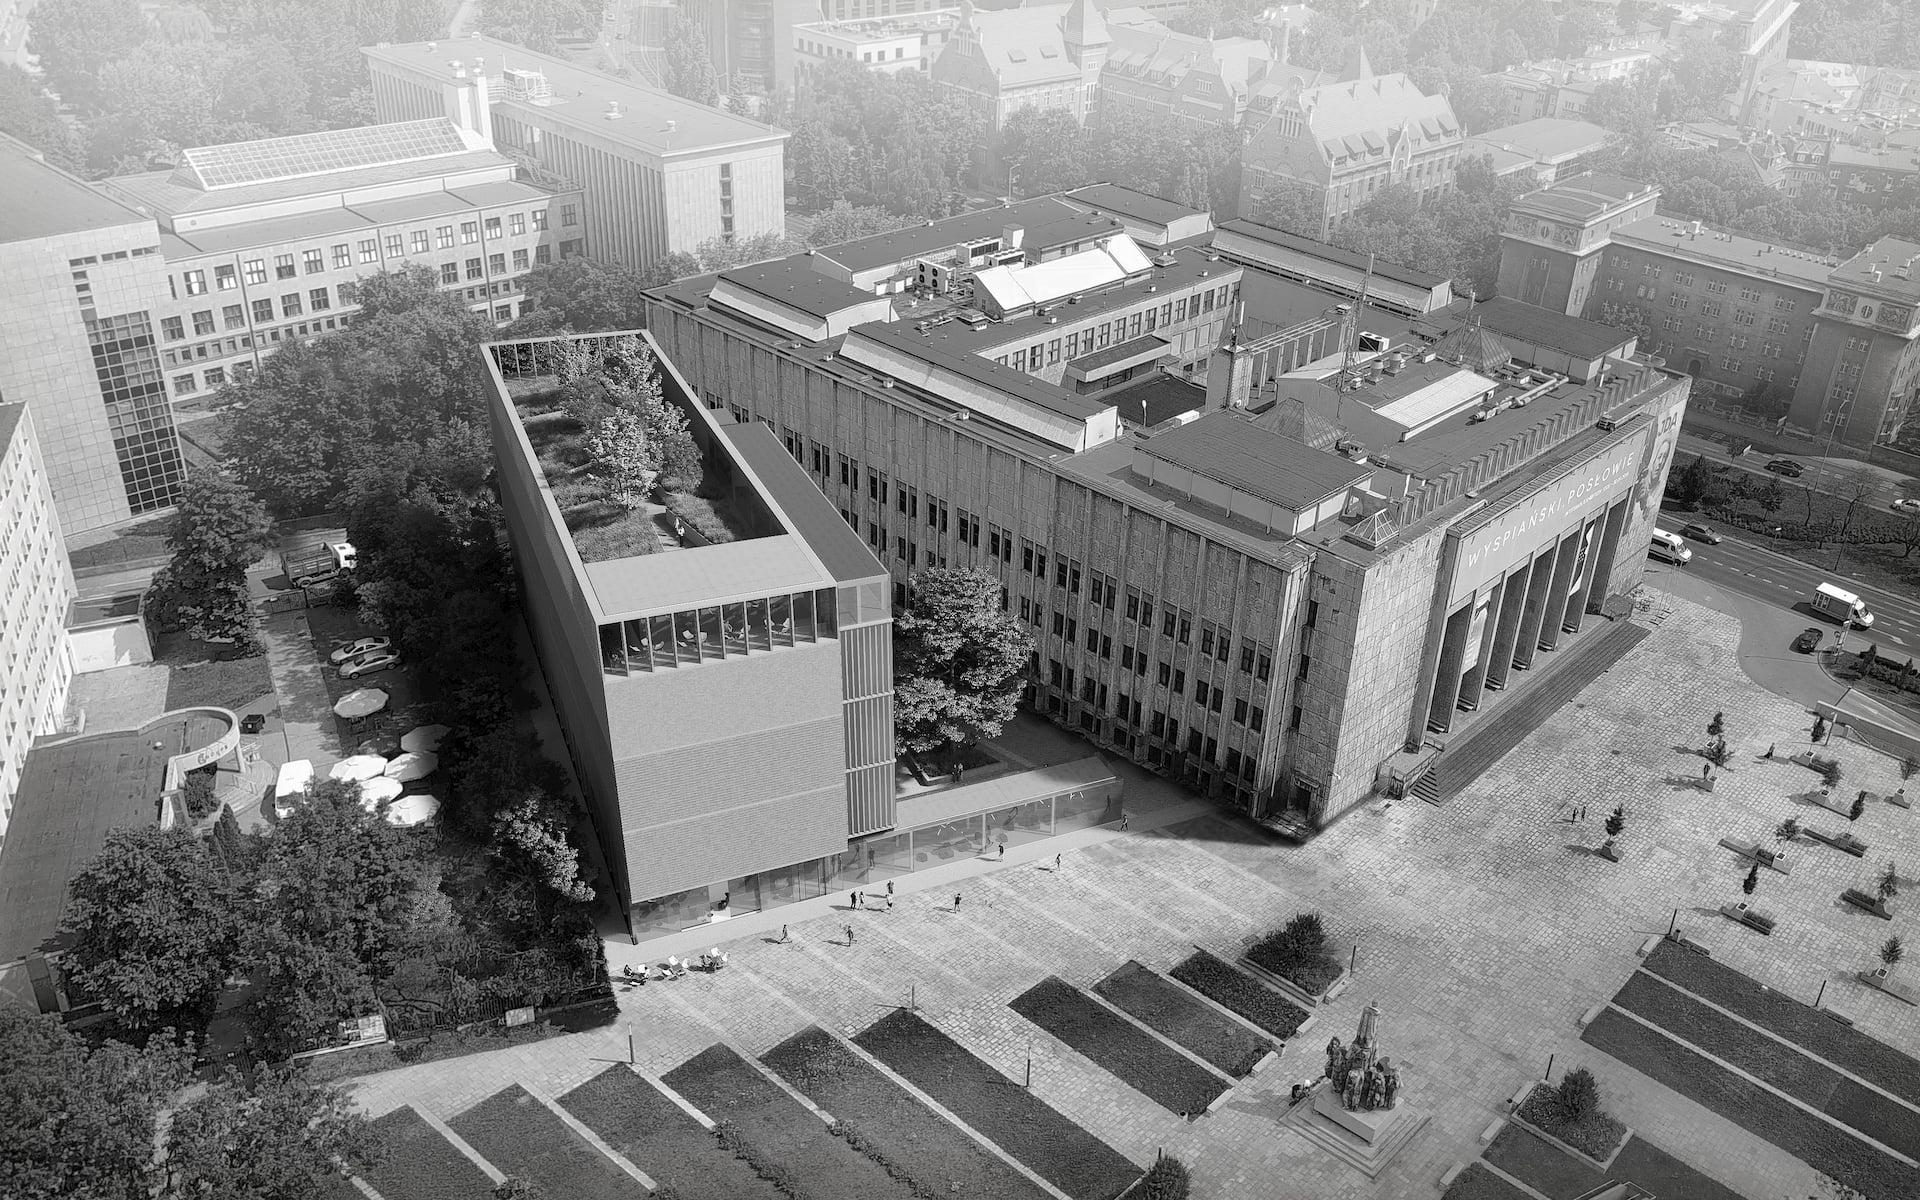 Stanislaw Wyspianski Museum in Krakow HRA Architekci 2019 aerial view